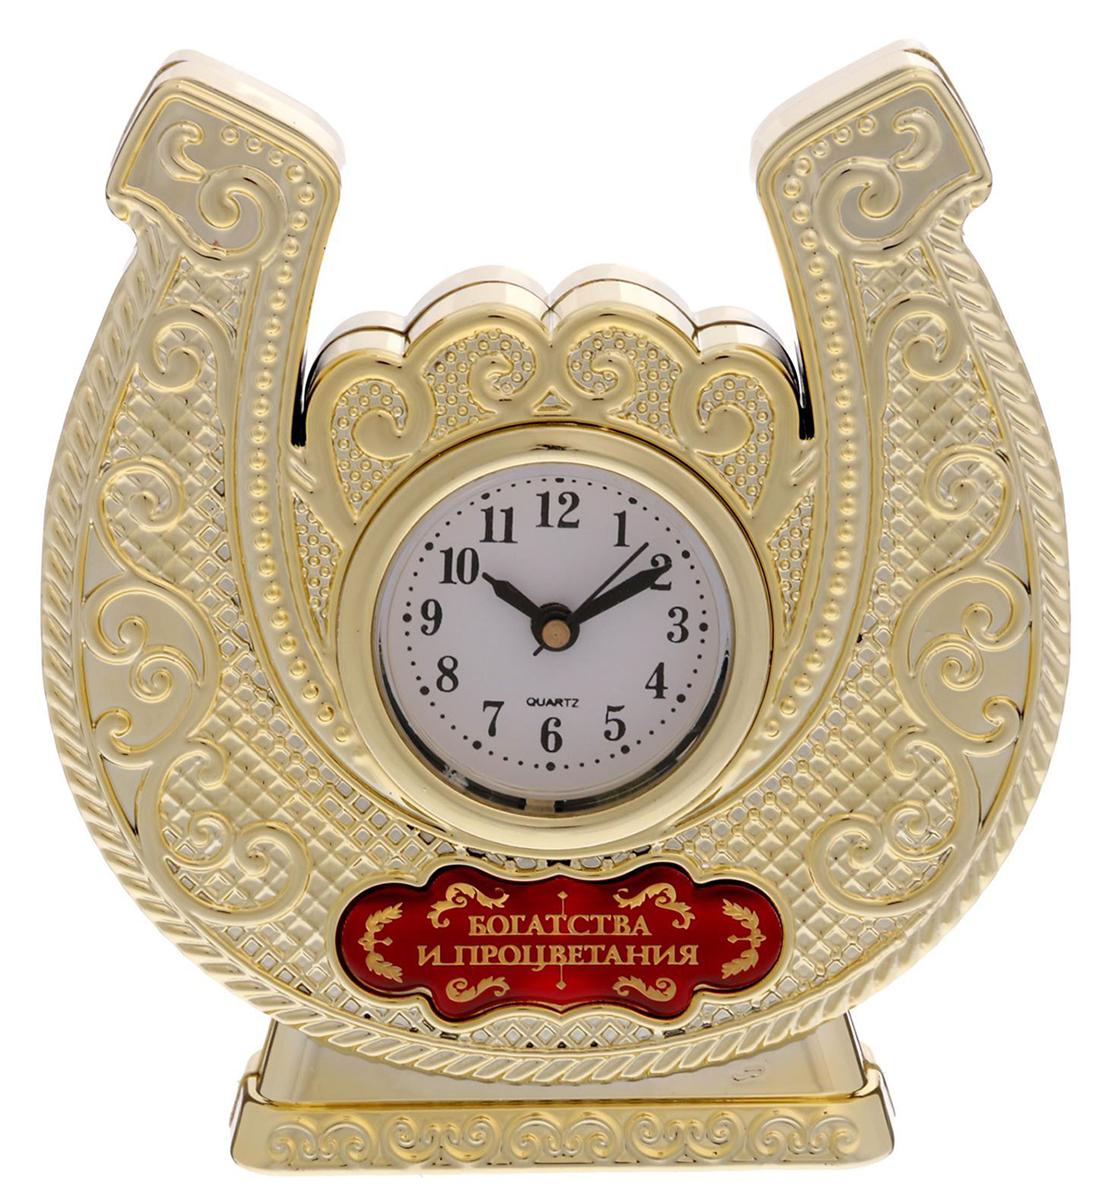 Время покорять мир Эти часы — прекрасный подарок 2 в 1! Они помогут правильно всё спланировать, а подкова принесёт удачу в делах и начинаниях. Фигурная статуэтка украшена шильдиком с добрым пожеланием, на обратной стороне выгравирована мотивирующая надпись. Инструкция Аккуратно достаньте механизм с циферблатом из корпуса. Установите время с помощью колёсика. Вставьте механизм обратно. Часы работают от батареек AG 13. Сувенир преподносится в подарочной коробочке с прозрачным окном.